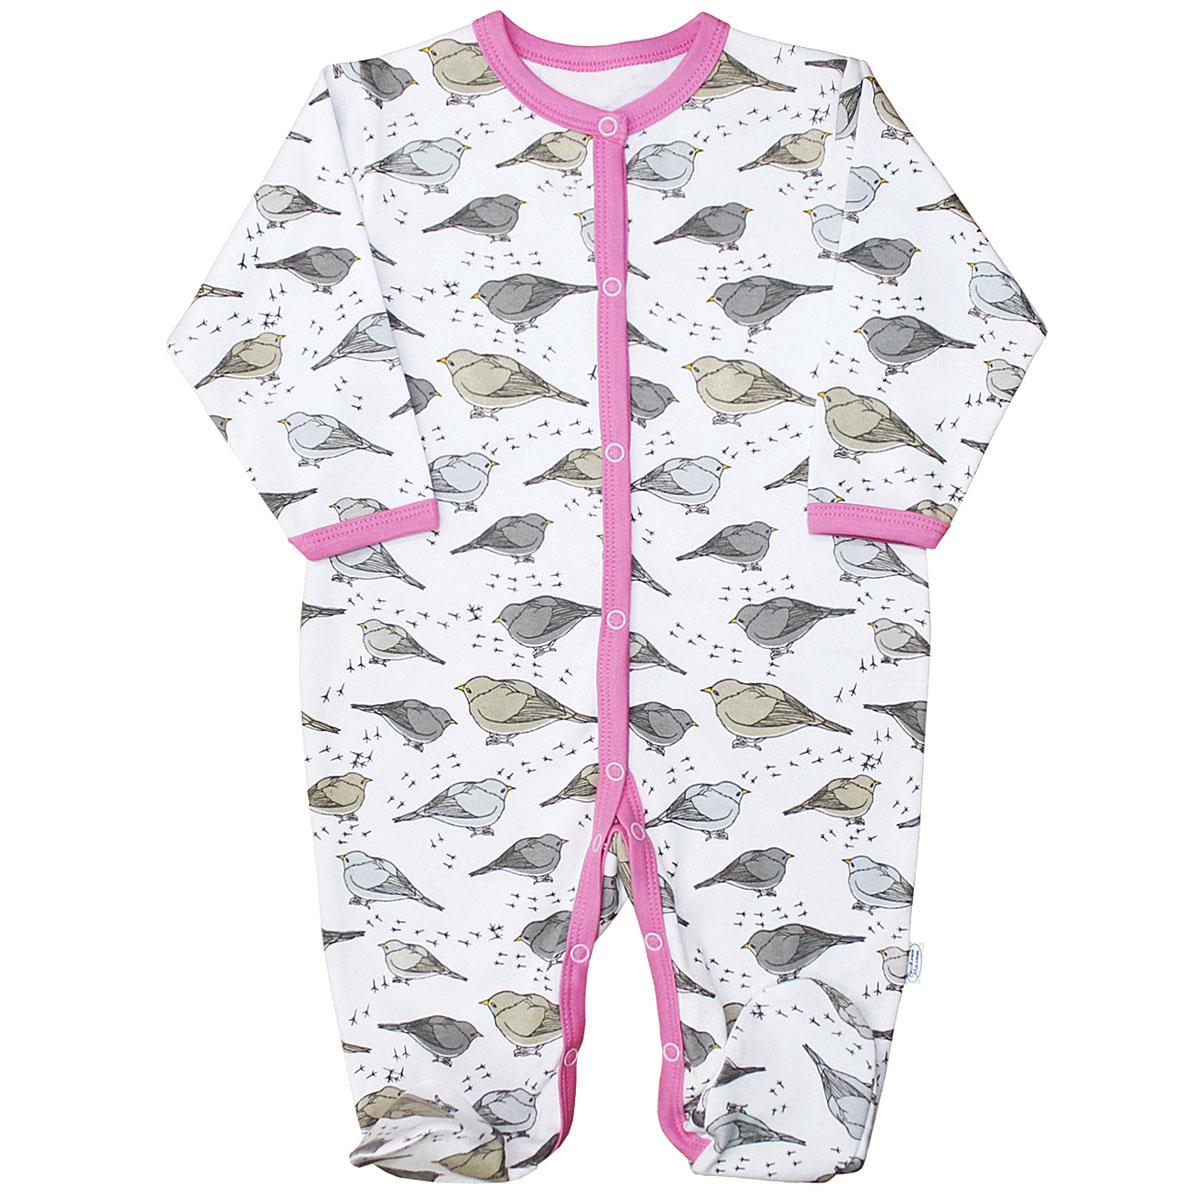 Комбинезон домашний для девочки Веселый малыш Птички, цвет: розовый. 156/322/пт-розовый. Размер 86 комбинезоны и полукомбинезоны веселый малыш комбинезон олени 51142